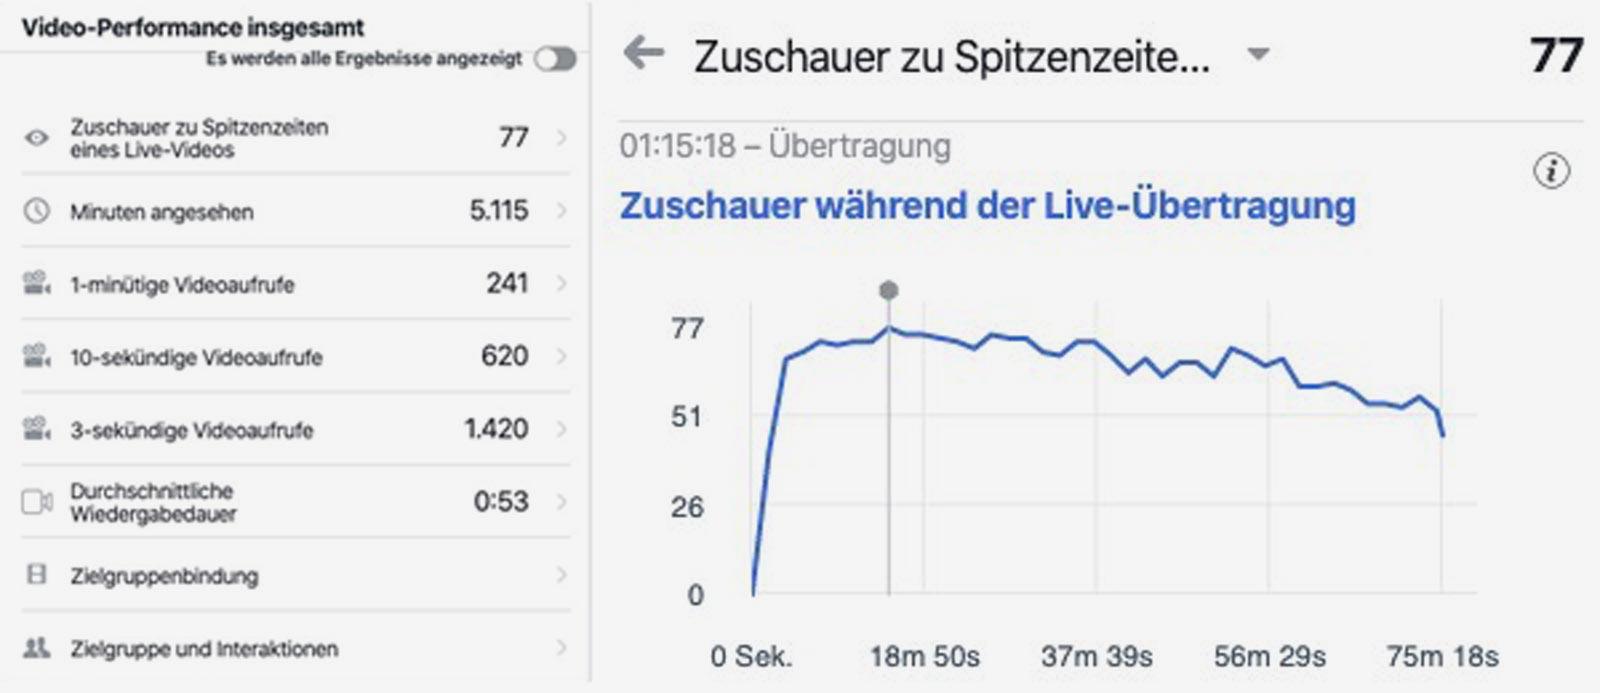 Zuschauerverhalten Livestream facebook